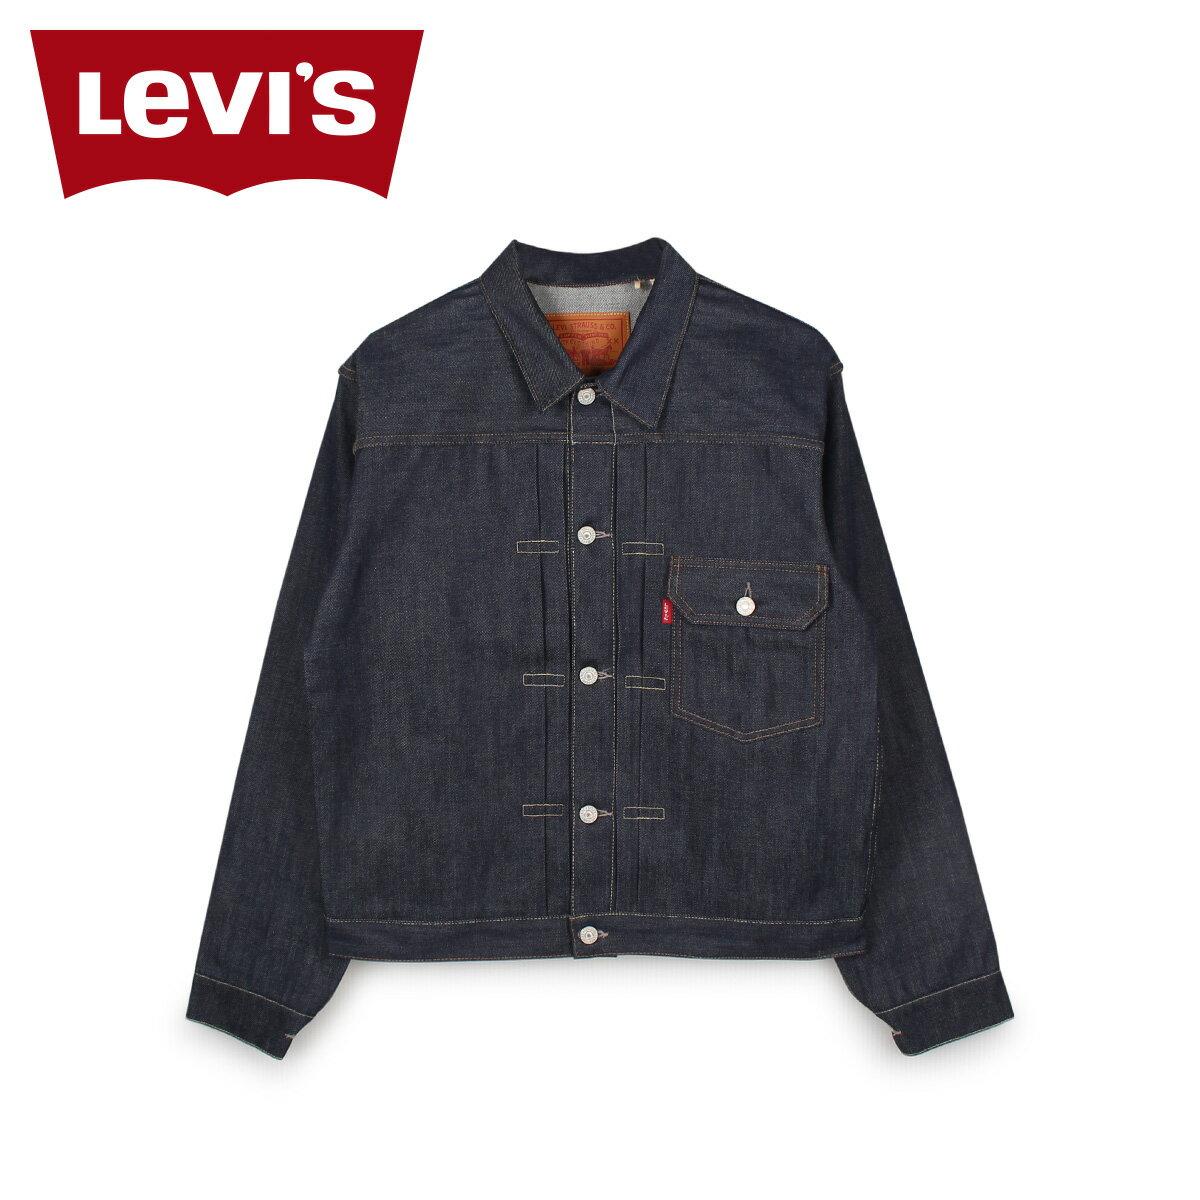 メンズファッション, コート・ジャケット  LEVIS VINTAGE CLOTHING G 1936S TYPE1 TRUCKER JACKET LVC 70506-0024